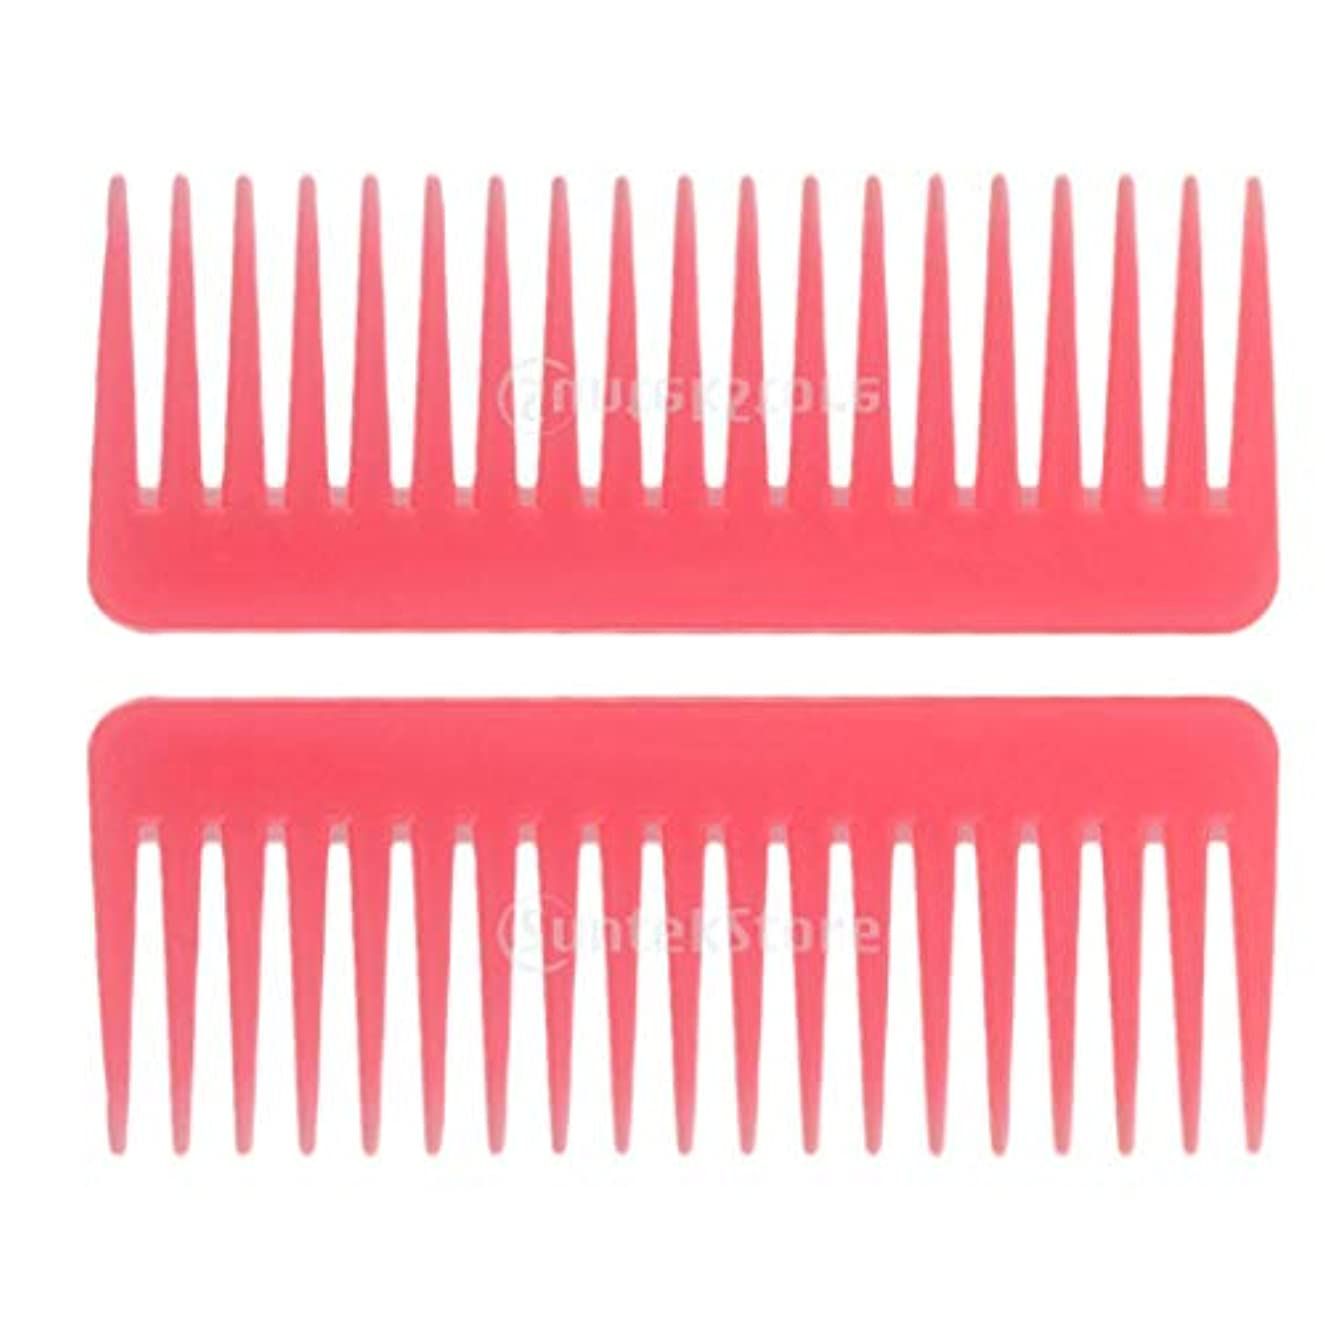 右ウォルターカニンガム問い合わせるSM SunniMix ヘアブラシ ヘアコーム 静電気防止櫛 広い歯コーム マッサージ サロン 理髪店 ツール 2個セット